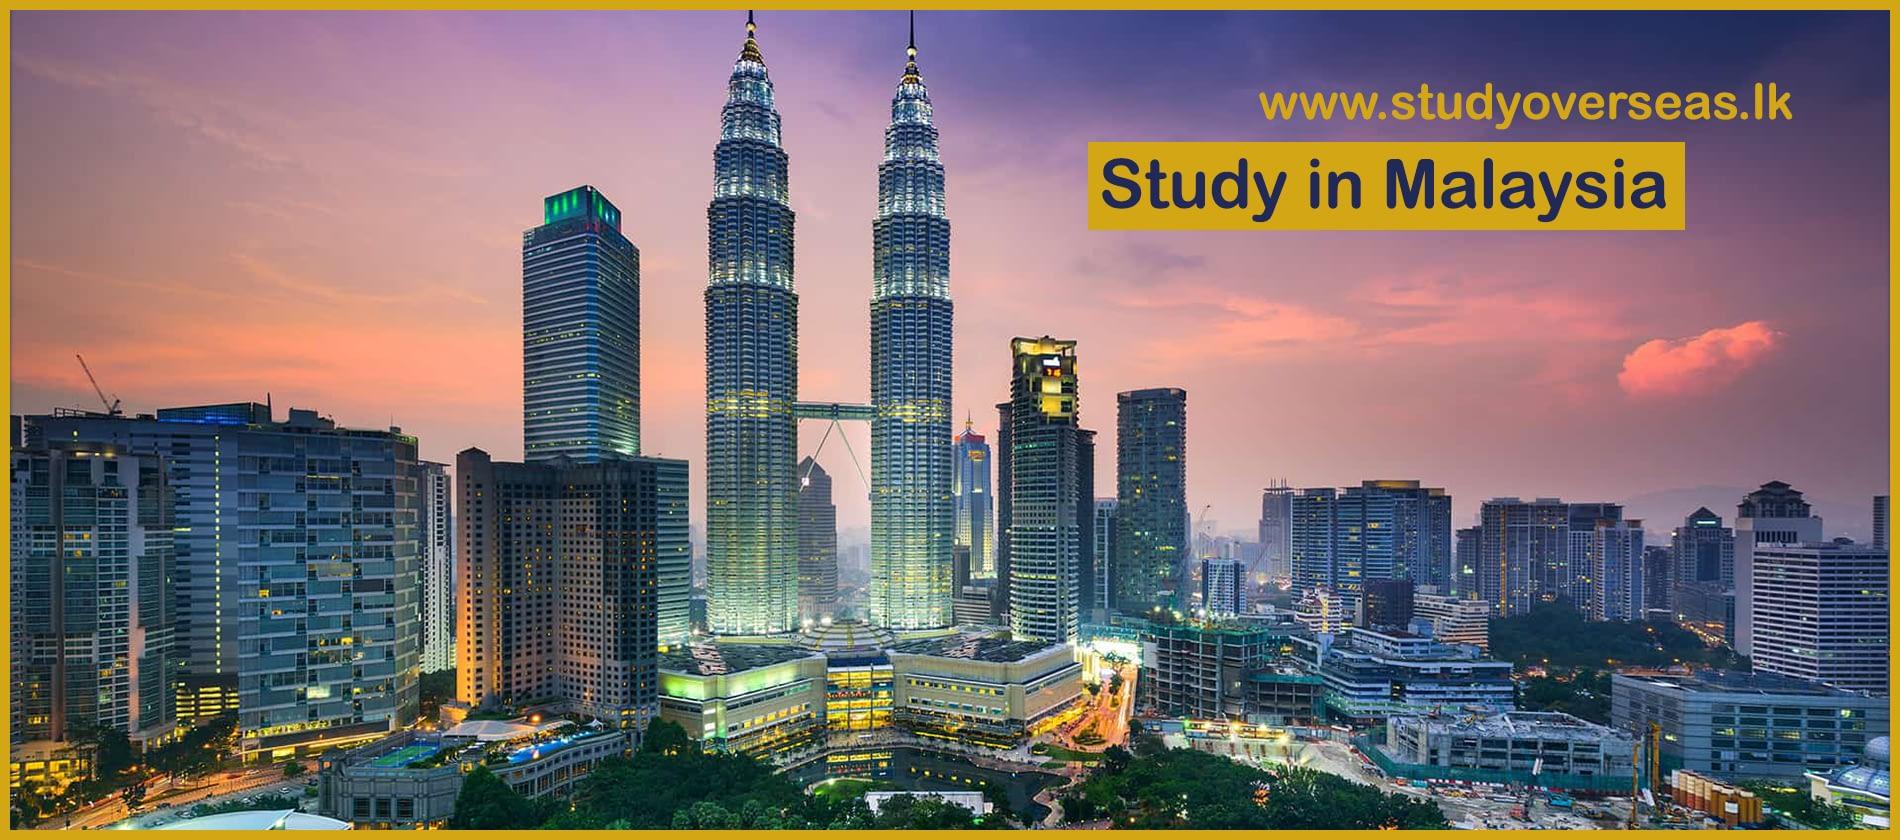 study_in_malaysia_www.studyoverseas.lk